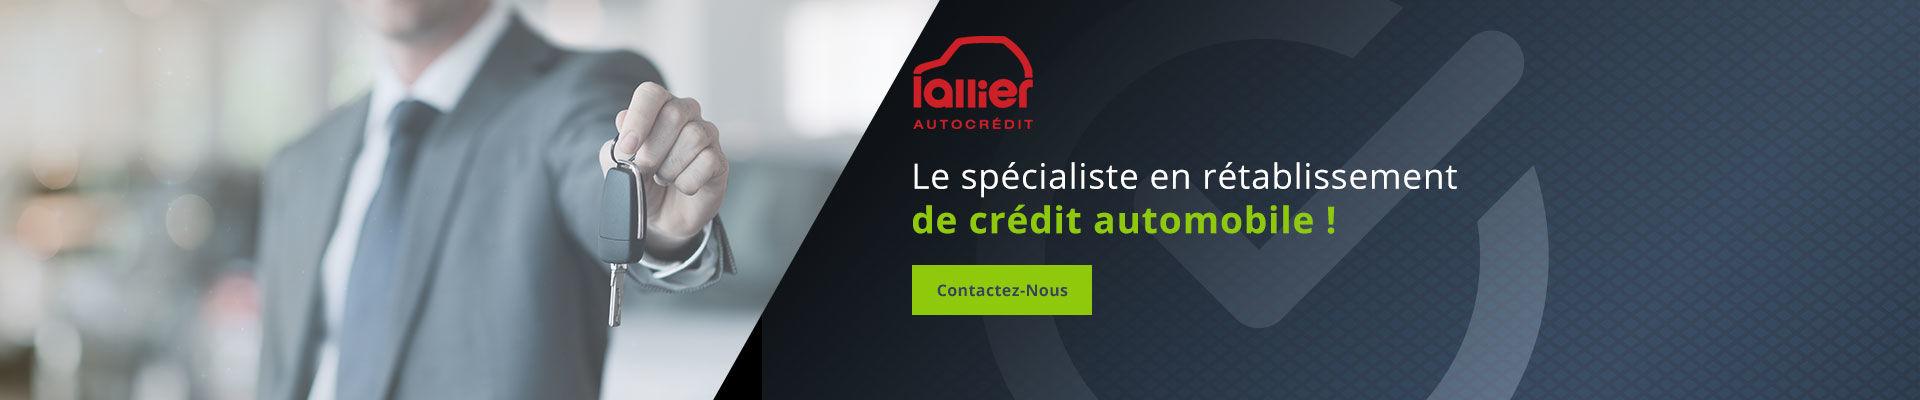 Lallier Auto Crédit